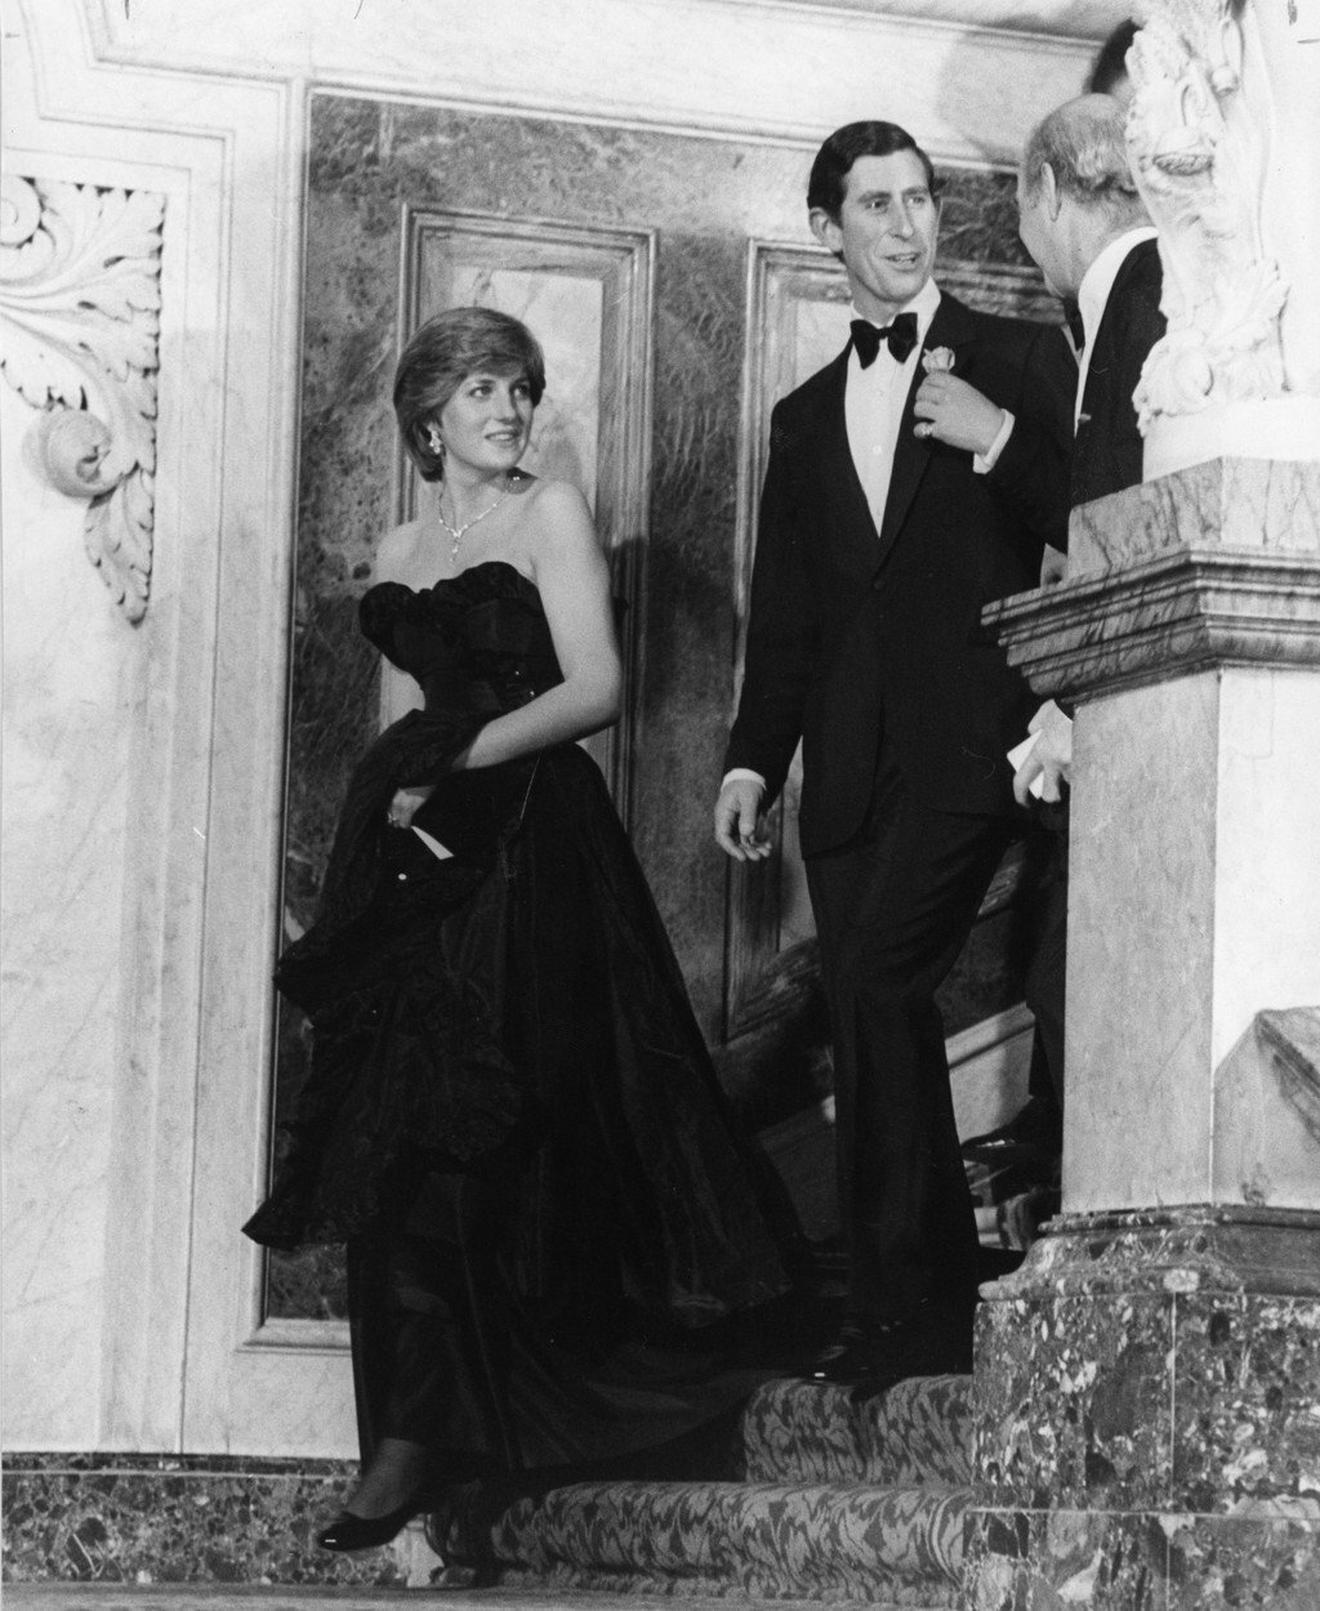 Buduća princeza i princ na zabavi na kojoj su objavili veridbu i najavili venčanje